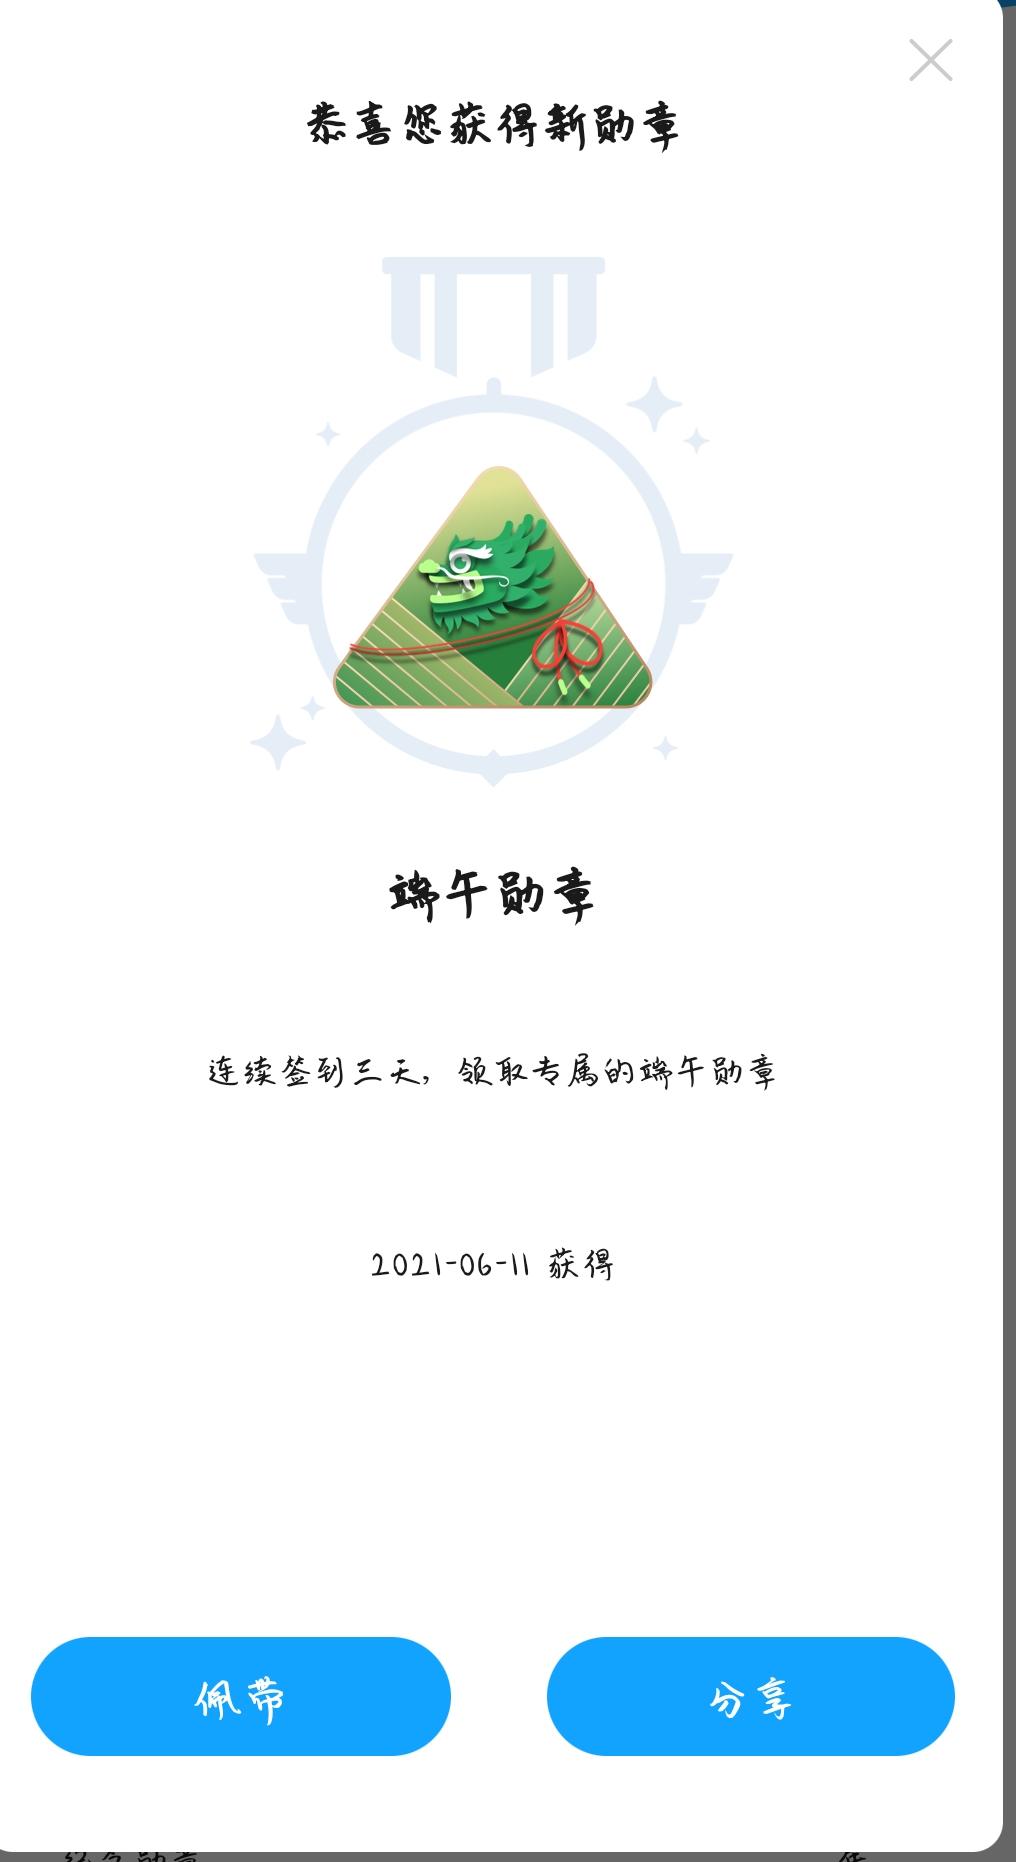 Screenshot_20210611_201855_com.huawei.fans.png